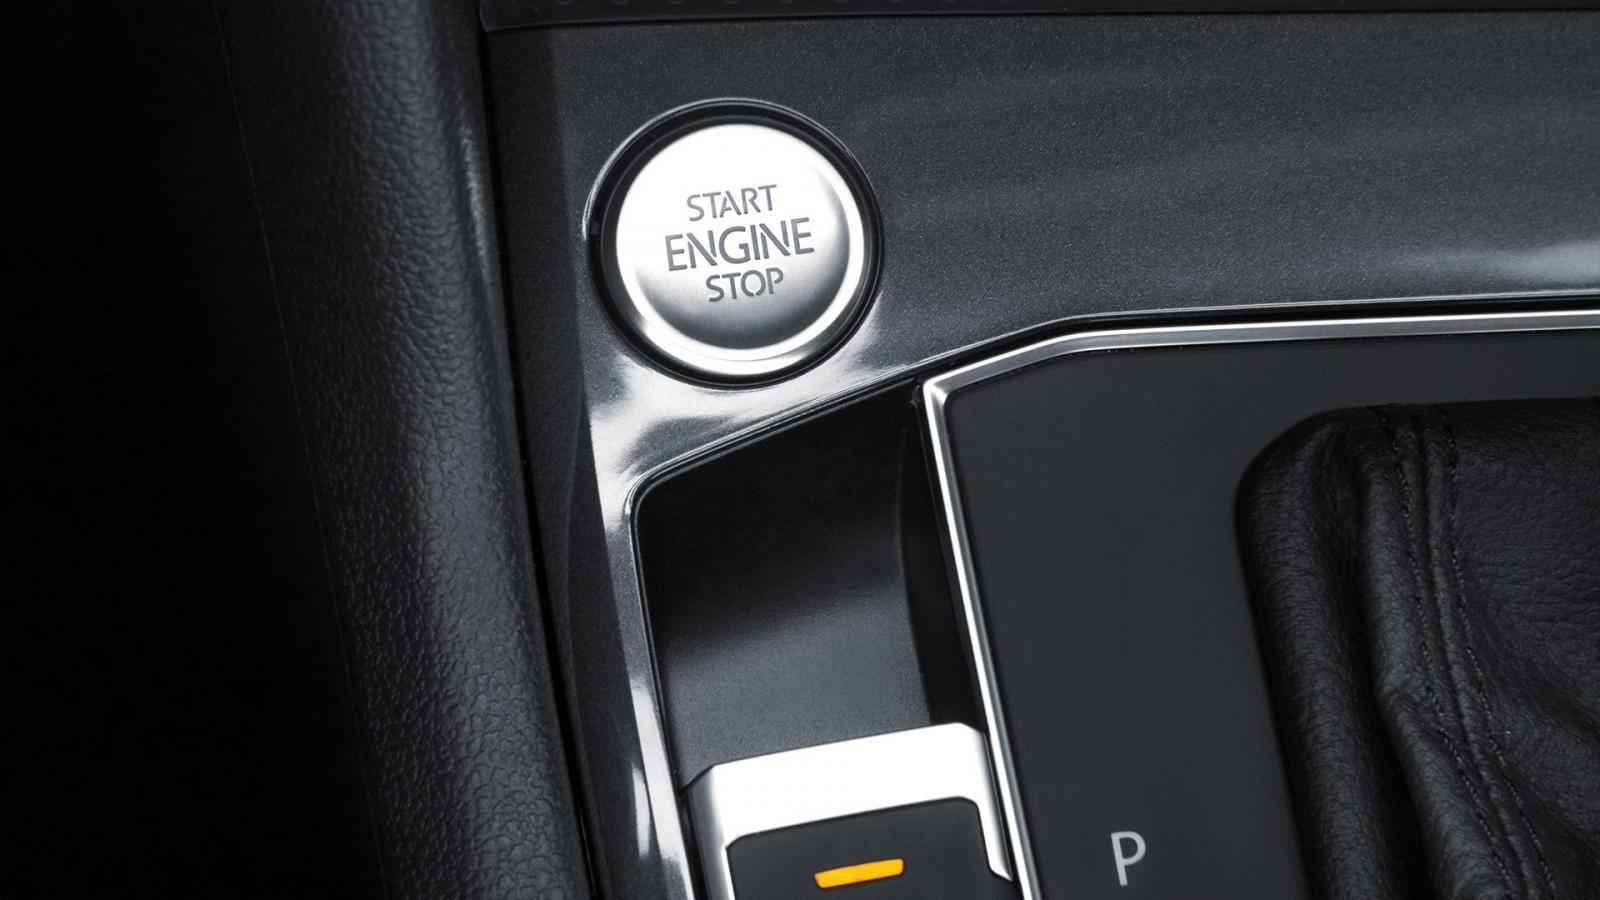 La Volkswagen Tiguan Trendline Plus 2019 cuenta con botón de encendido